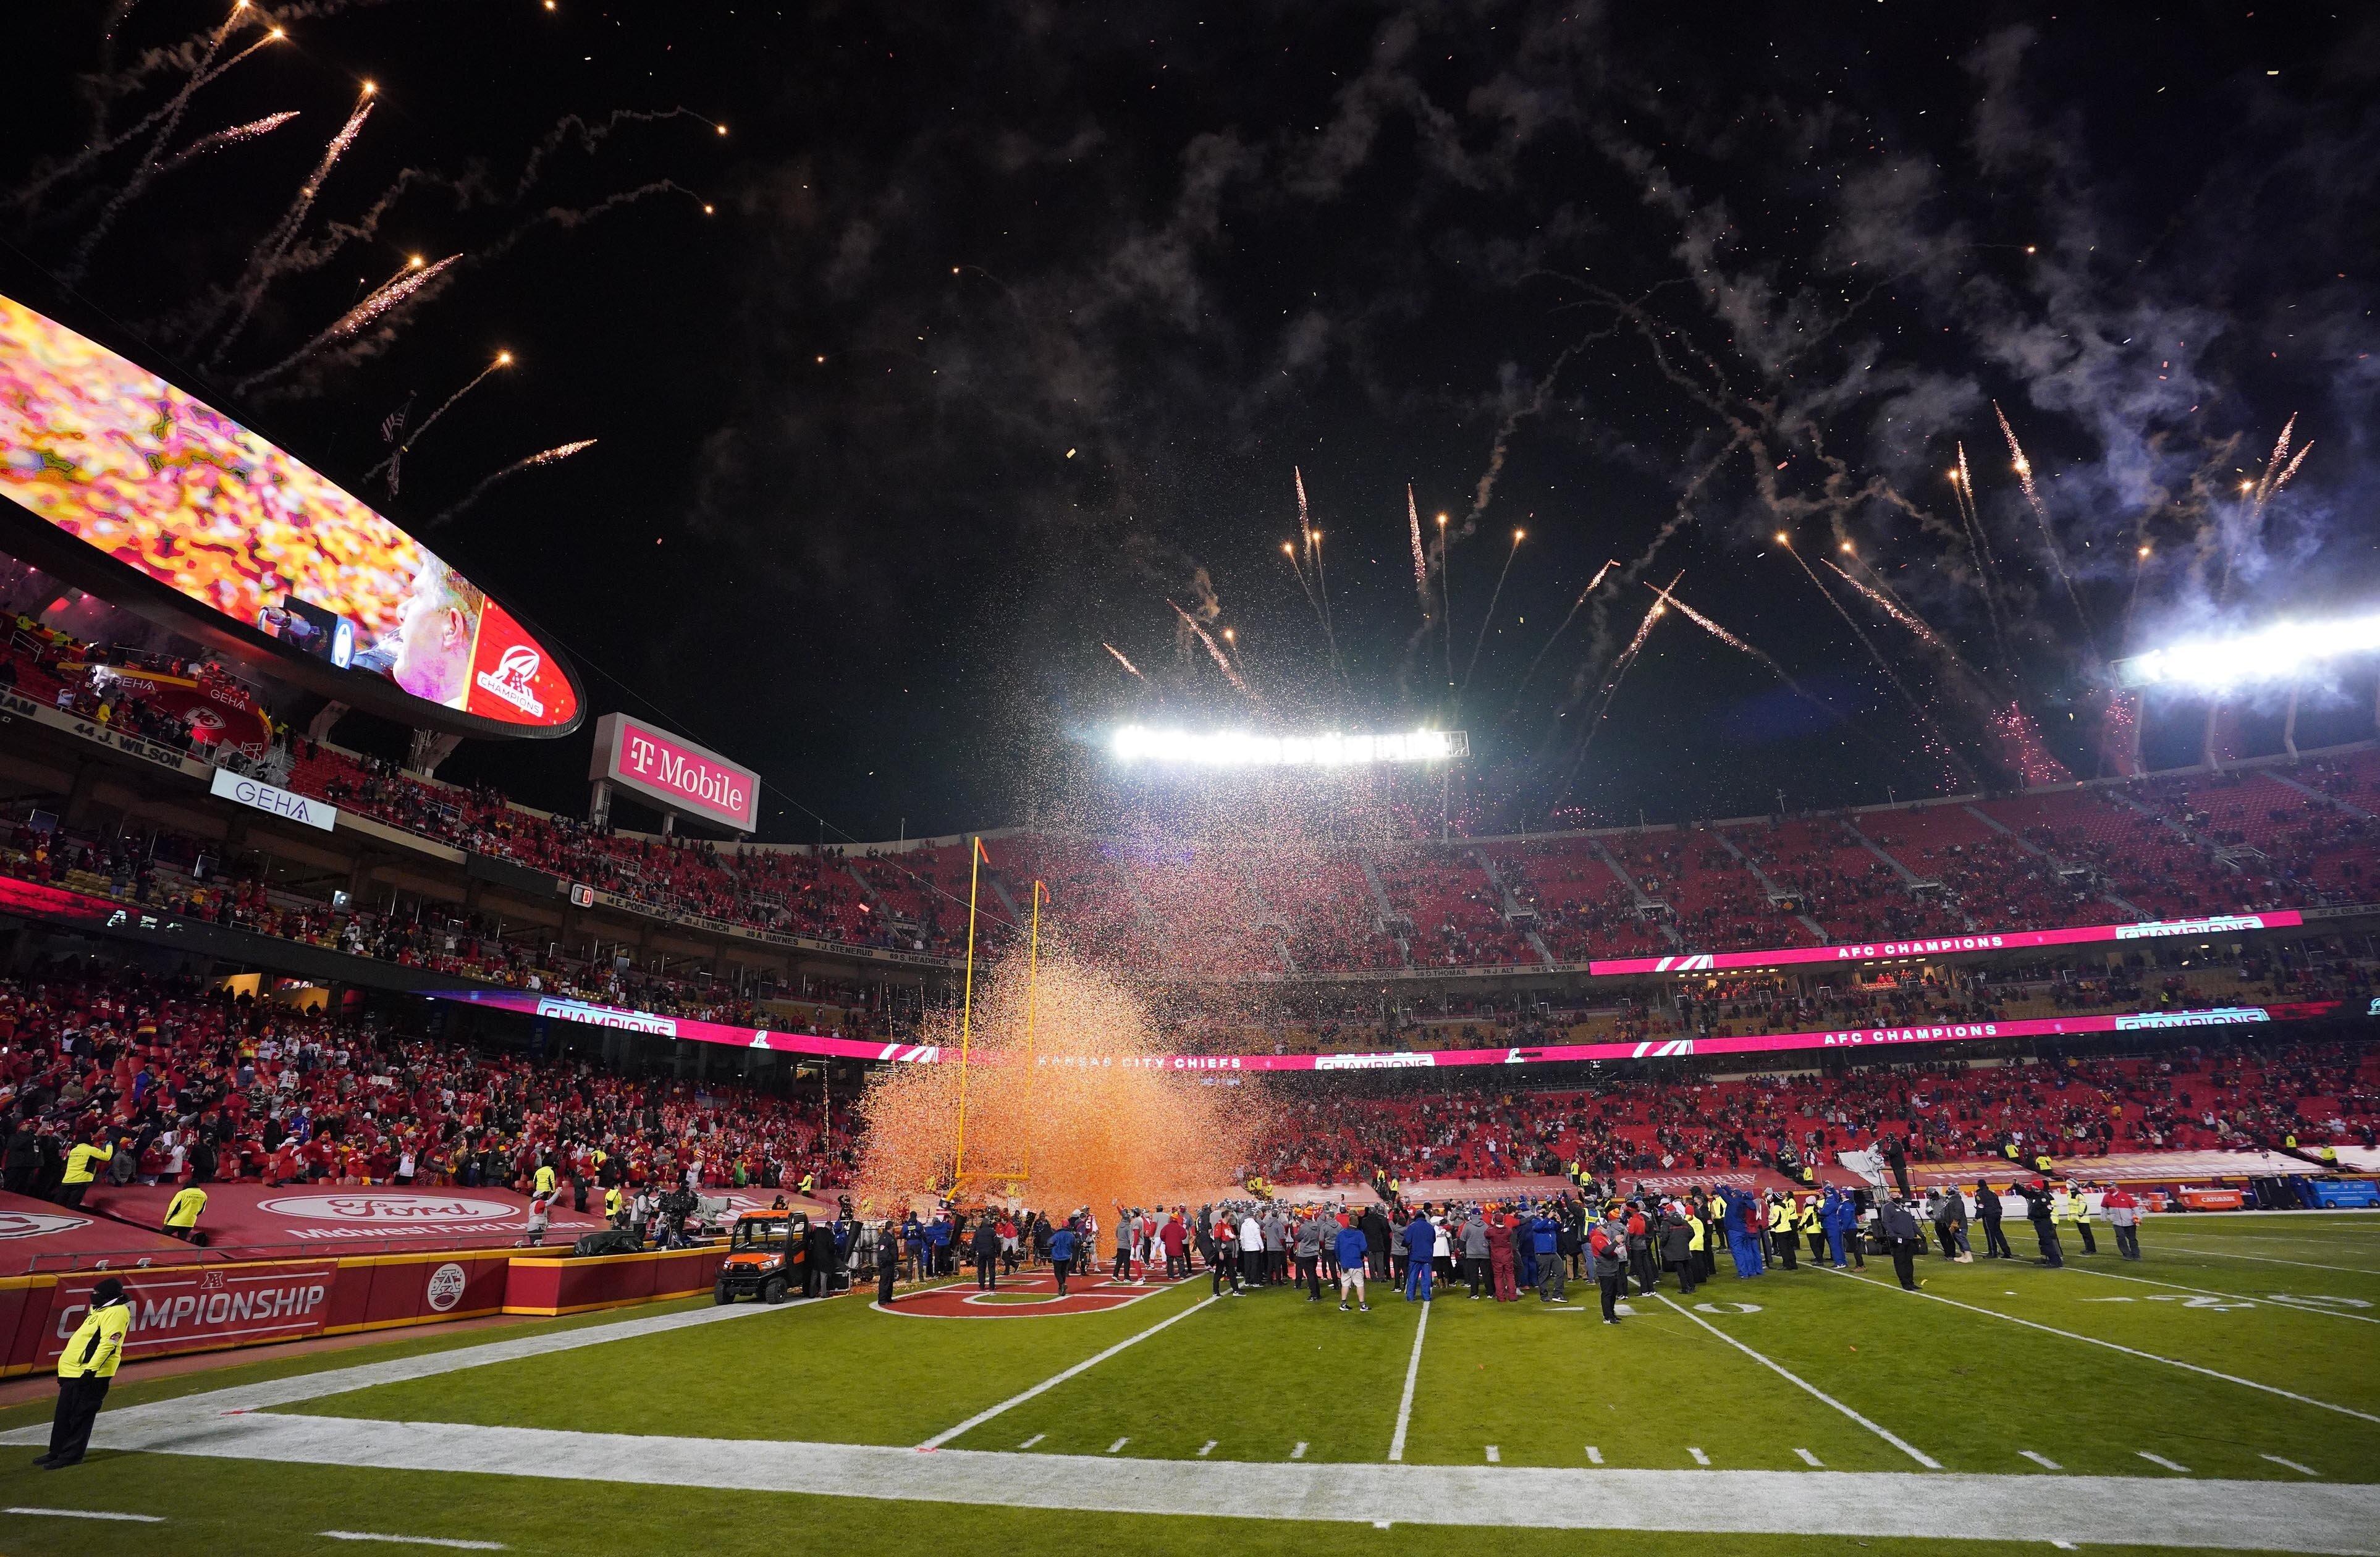 Le 24 janvier dernier, c'est devant moins de 17.000 spectateurs que les Kansas City Chiefs de Patrick...